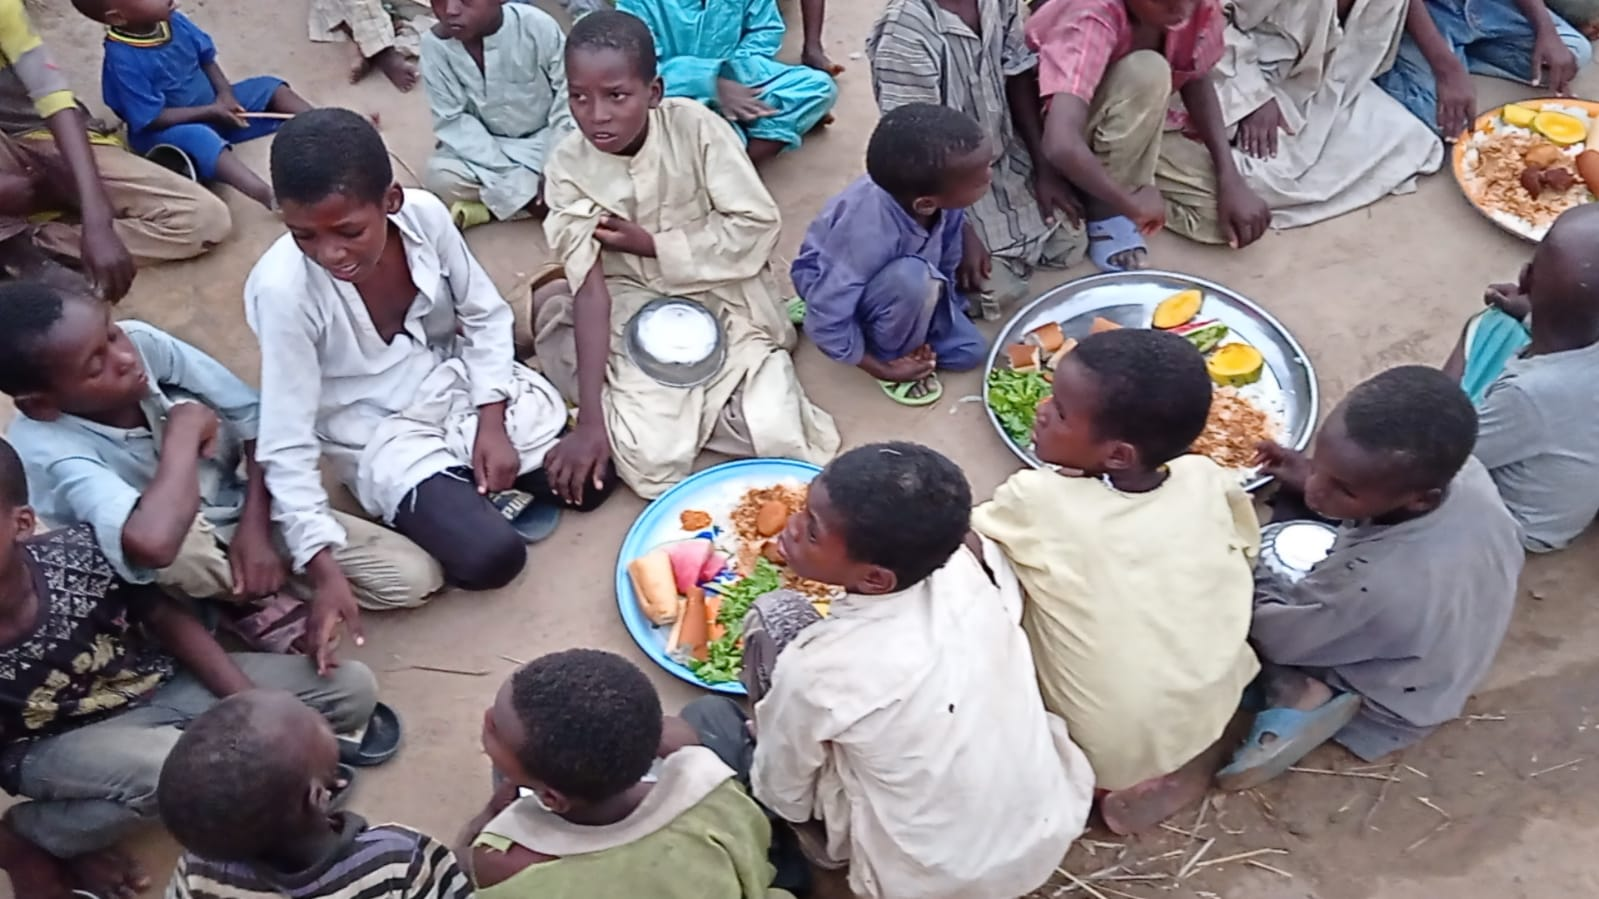 iyilik derneği sıcak yemek dağıtımı (7)